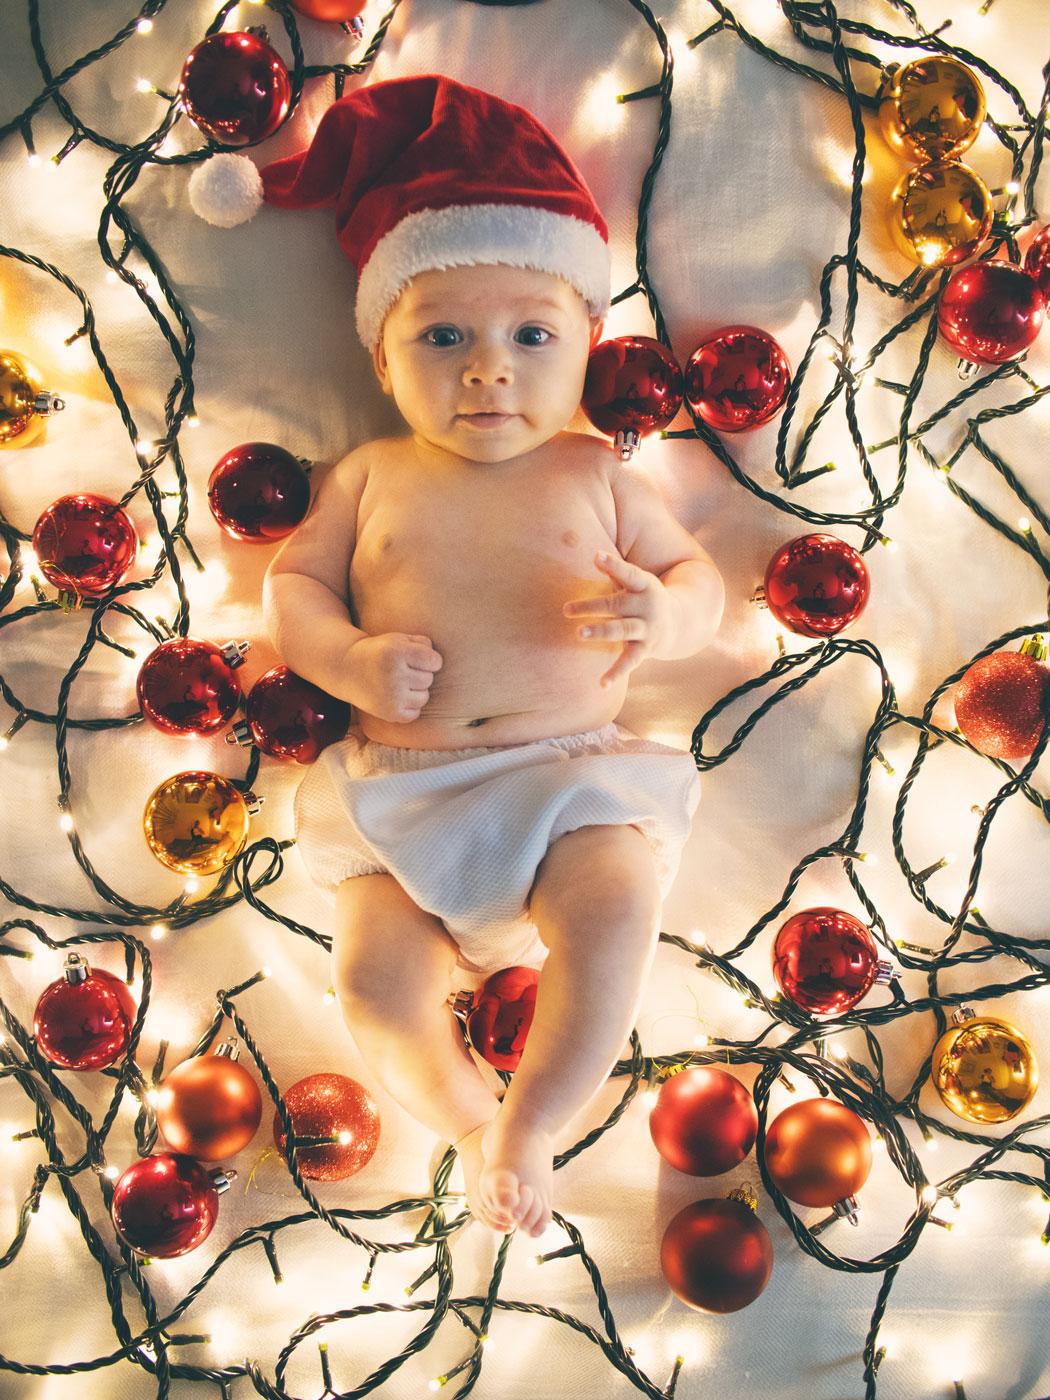 bebe en la cama rodeado de adornos y luces de navidad